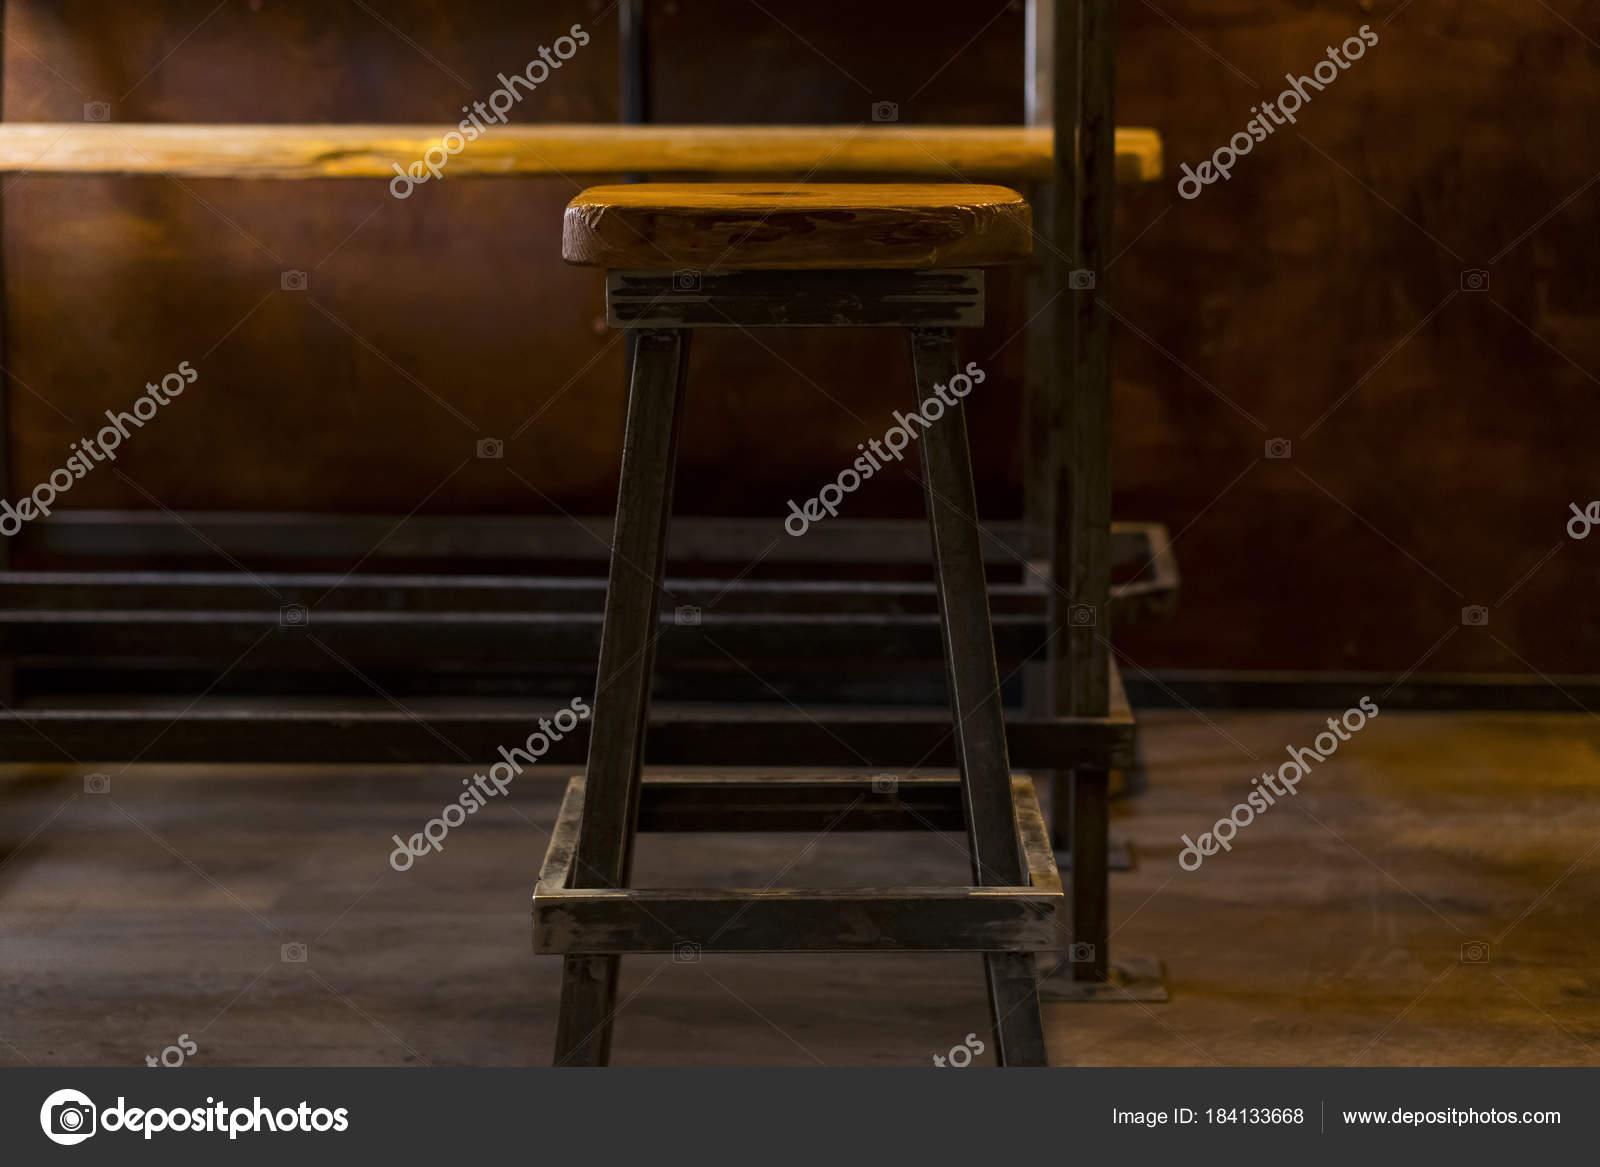 Fatti in casa sedia in negozio sgabello in legno u foto stock